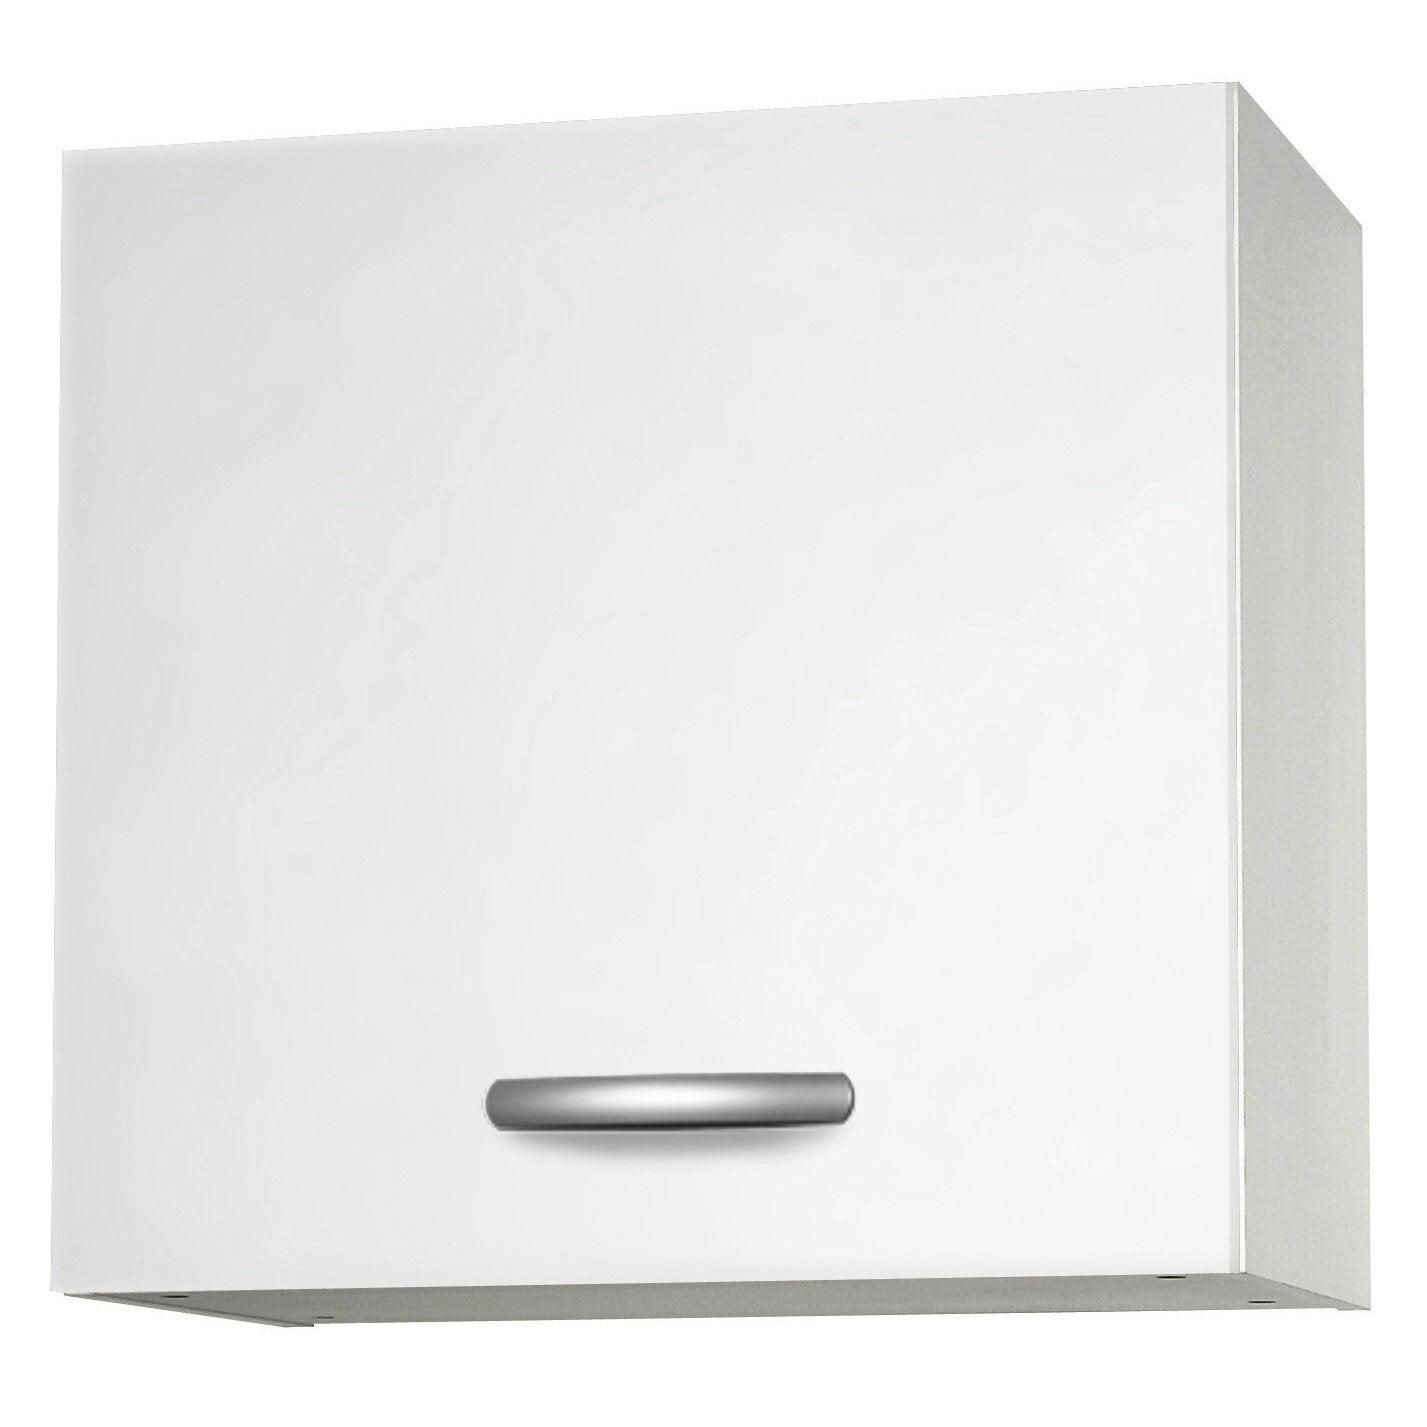 meuble de cuisine haut 1 porte blanc h579x l60x p352cm - Meuble Haut Cuisine Porte Vitree Avec Etage